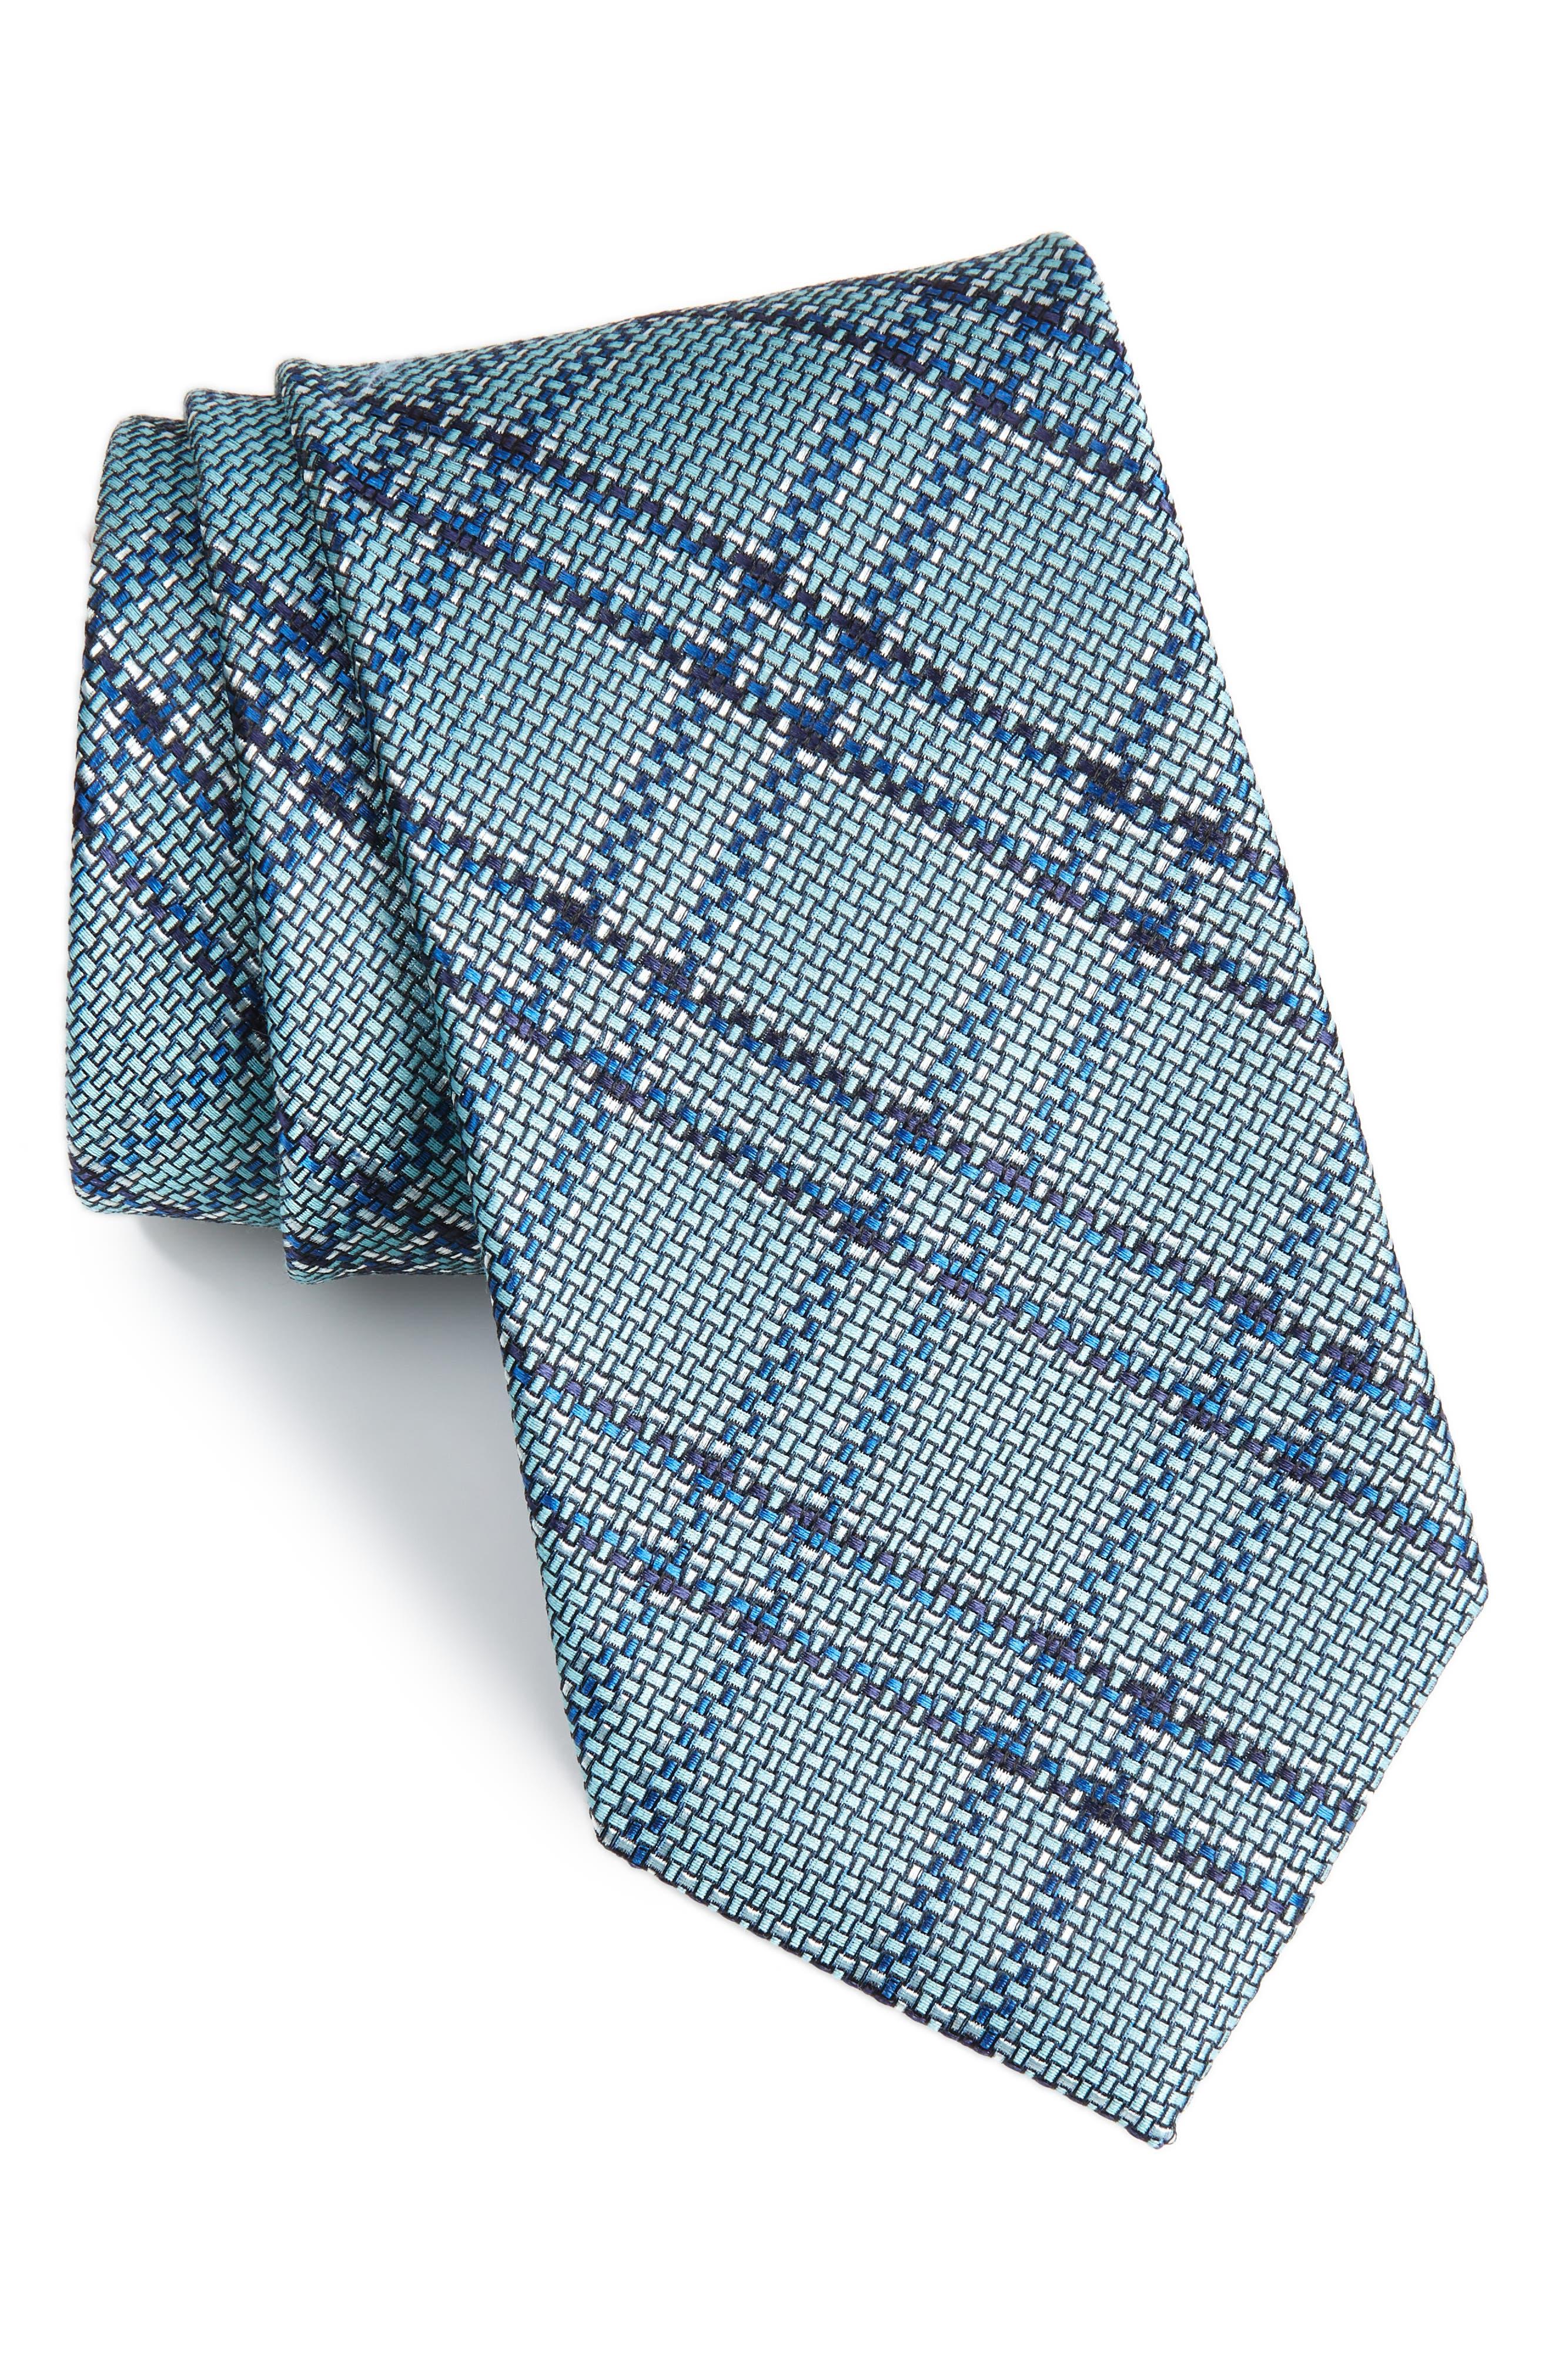 Tasker Plaid Silk & Cotton Tie,                         Main,                         color, Mint